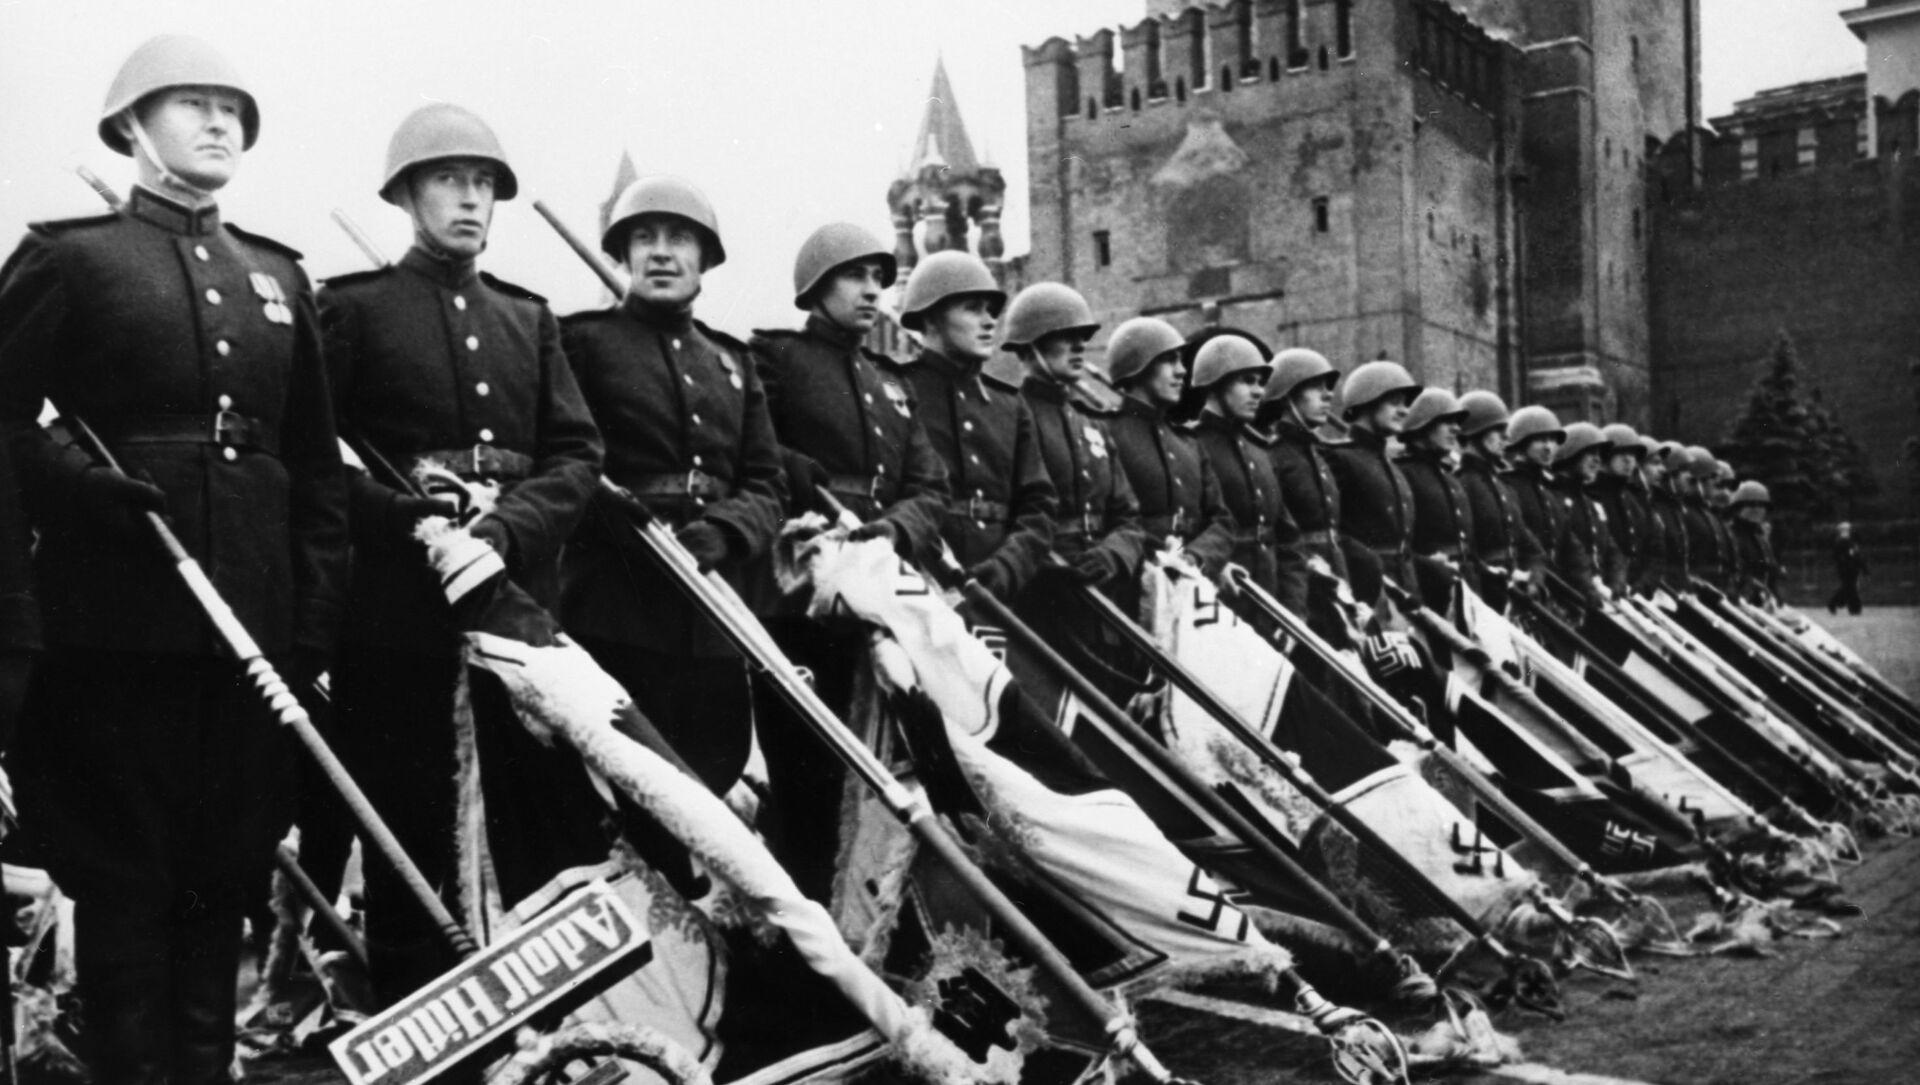 Парад Победы на Красной площади в Москве 24 июня 1945 года в ознаменование разгрома фашистской Германии во Второй мировой войне - Sputnik Latvija, 1920, 10.05.2021